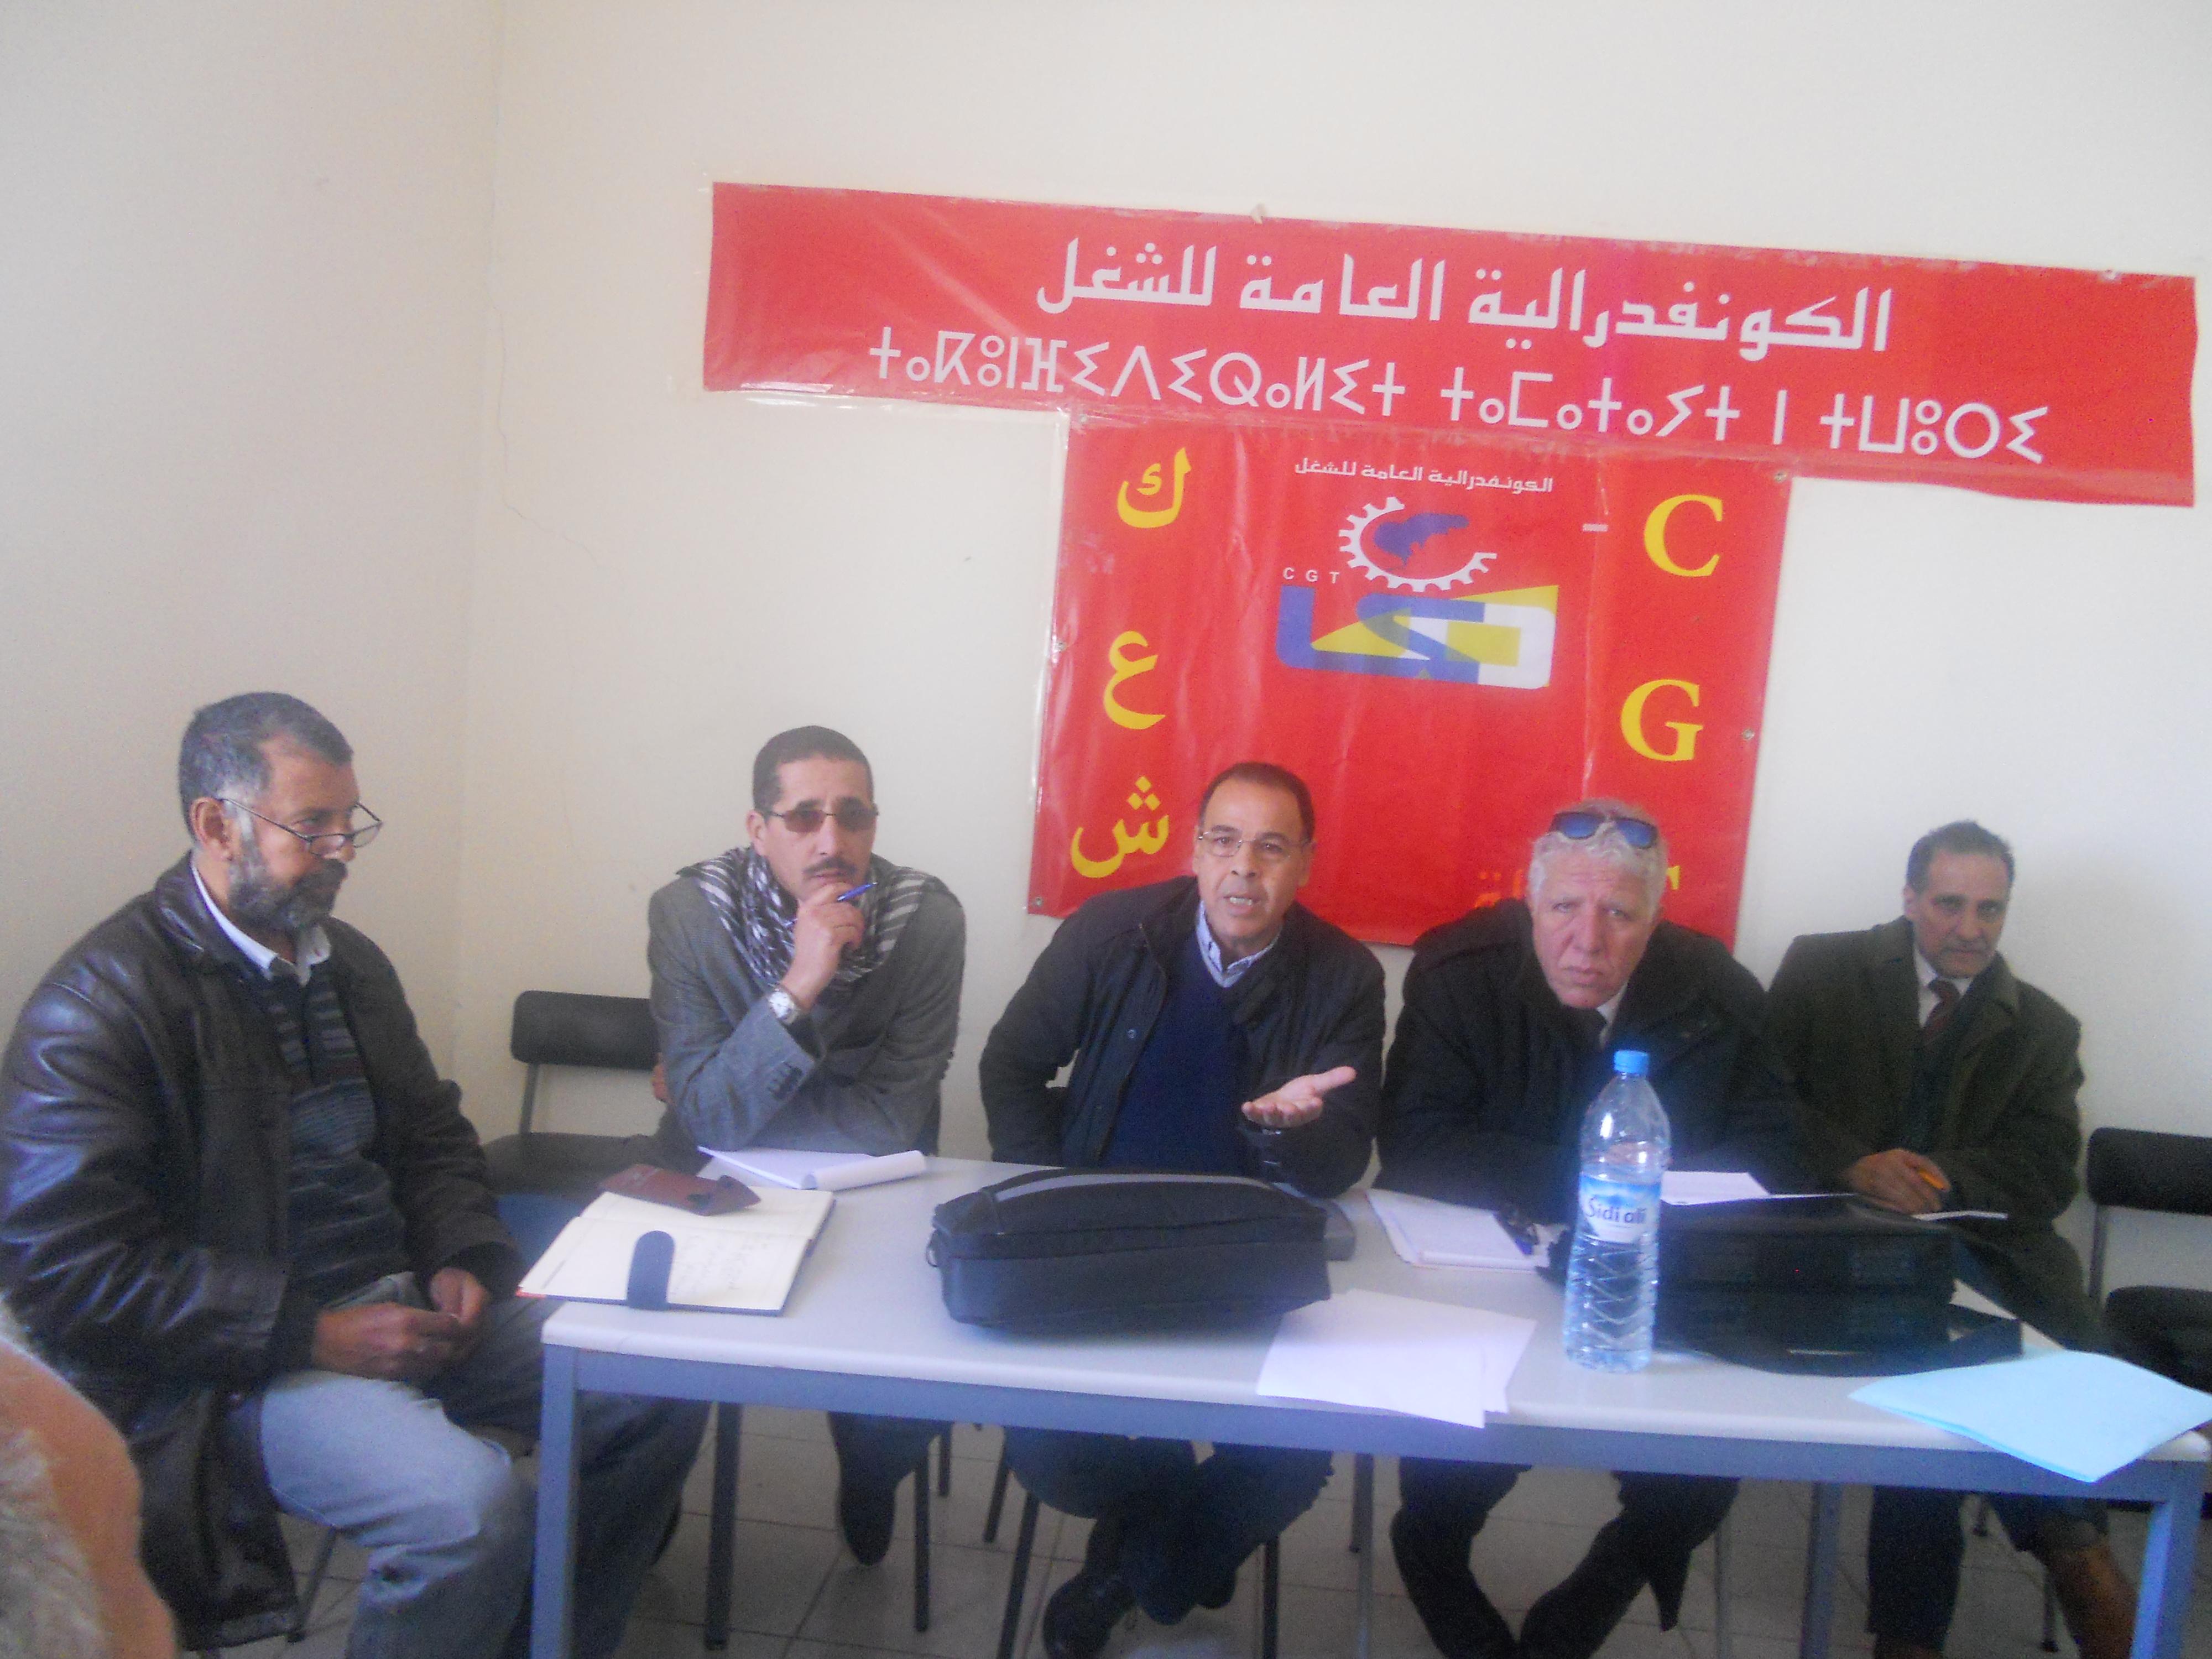 الهيئة الوطنية للتنسيق الوحدوي  تواصل توحيد جهودها لتكثل النقابي